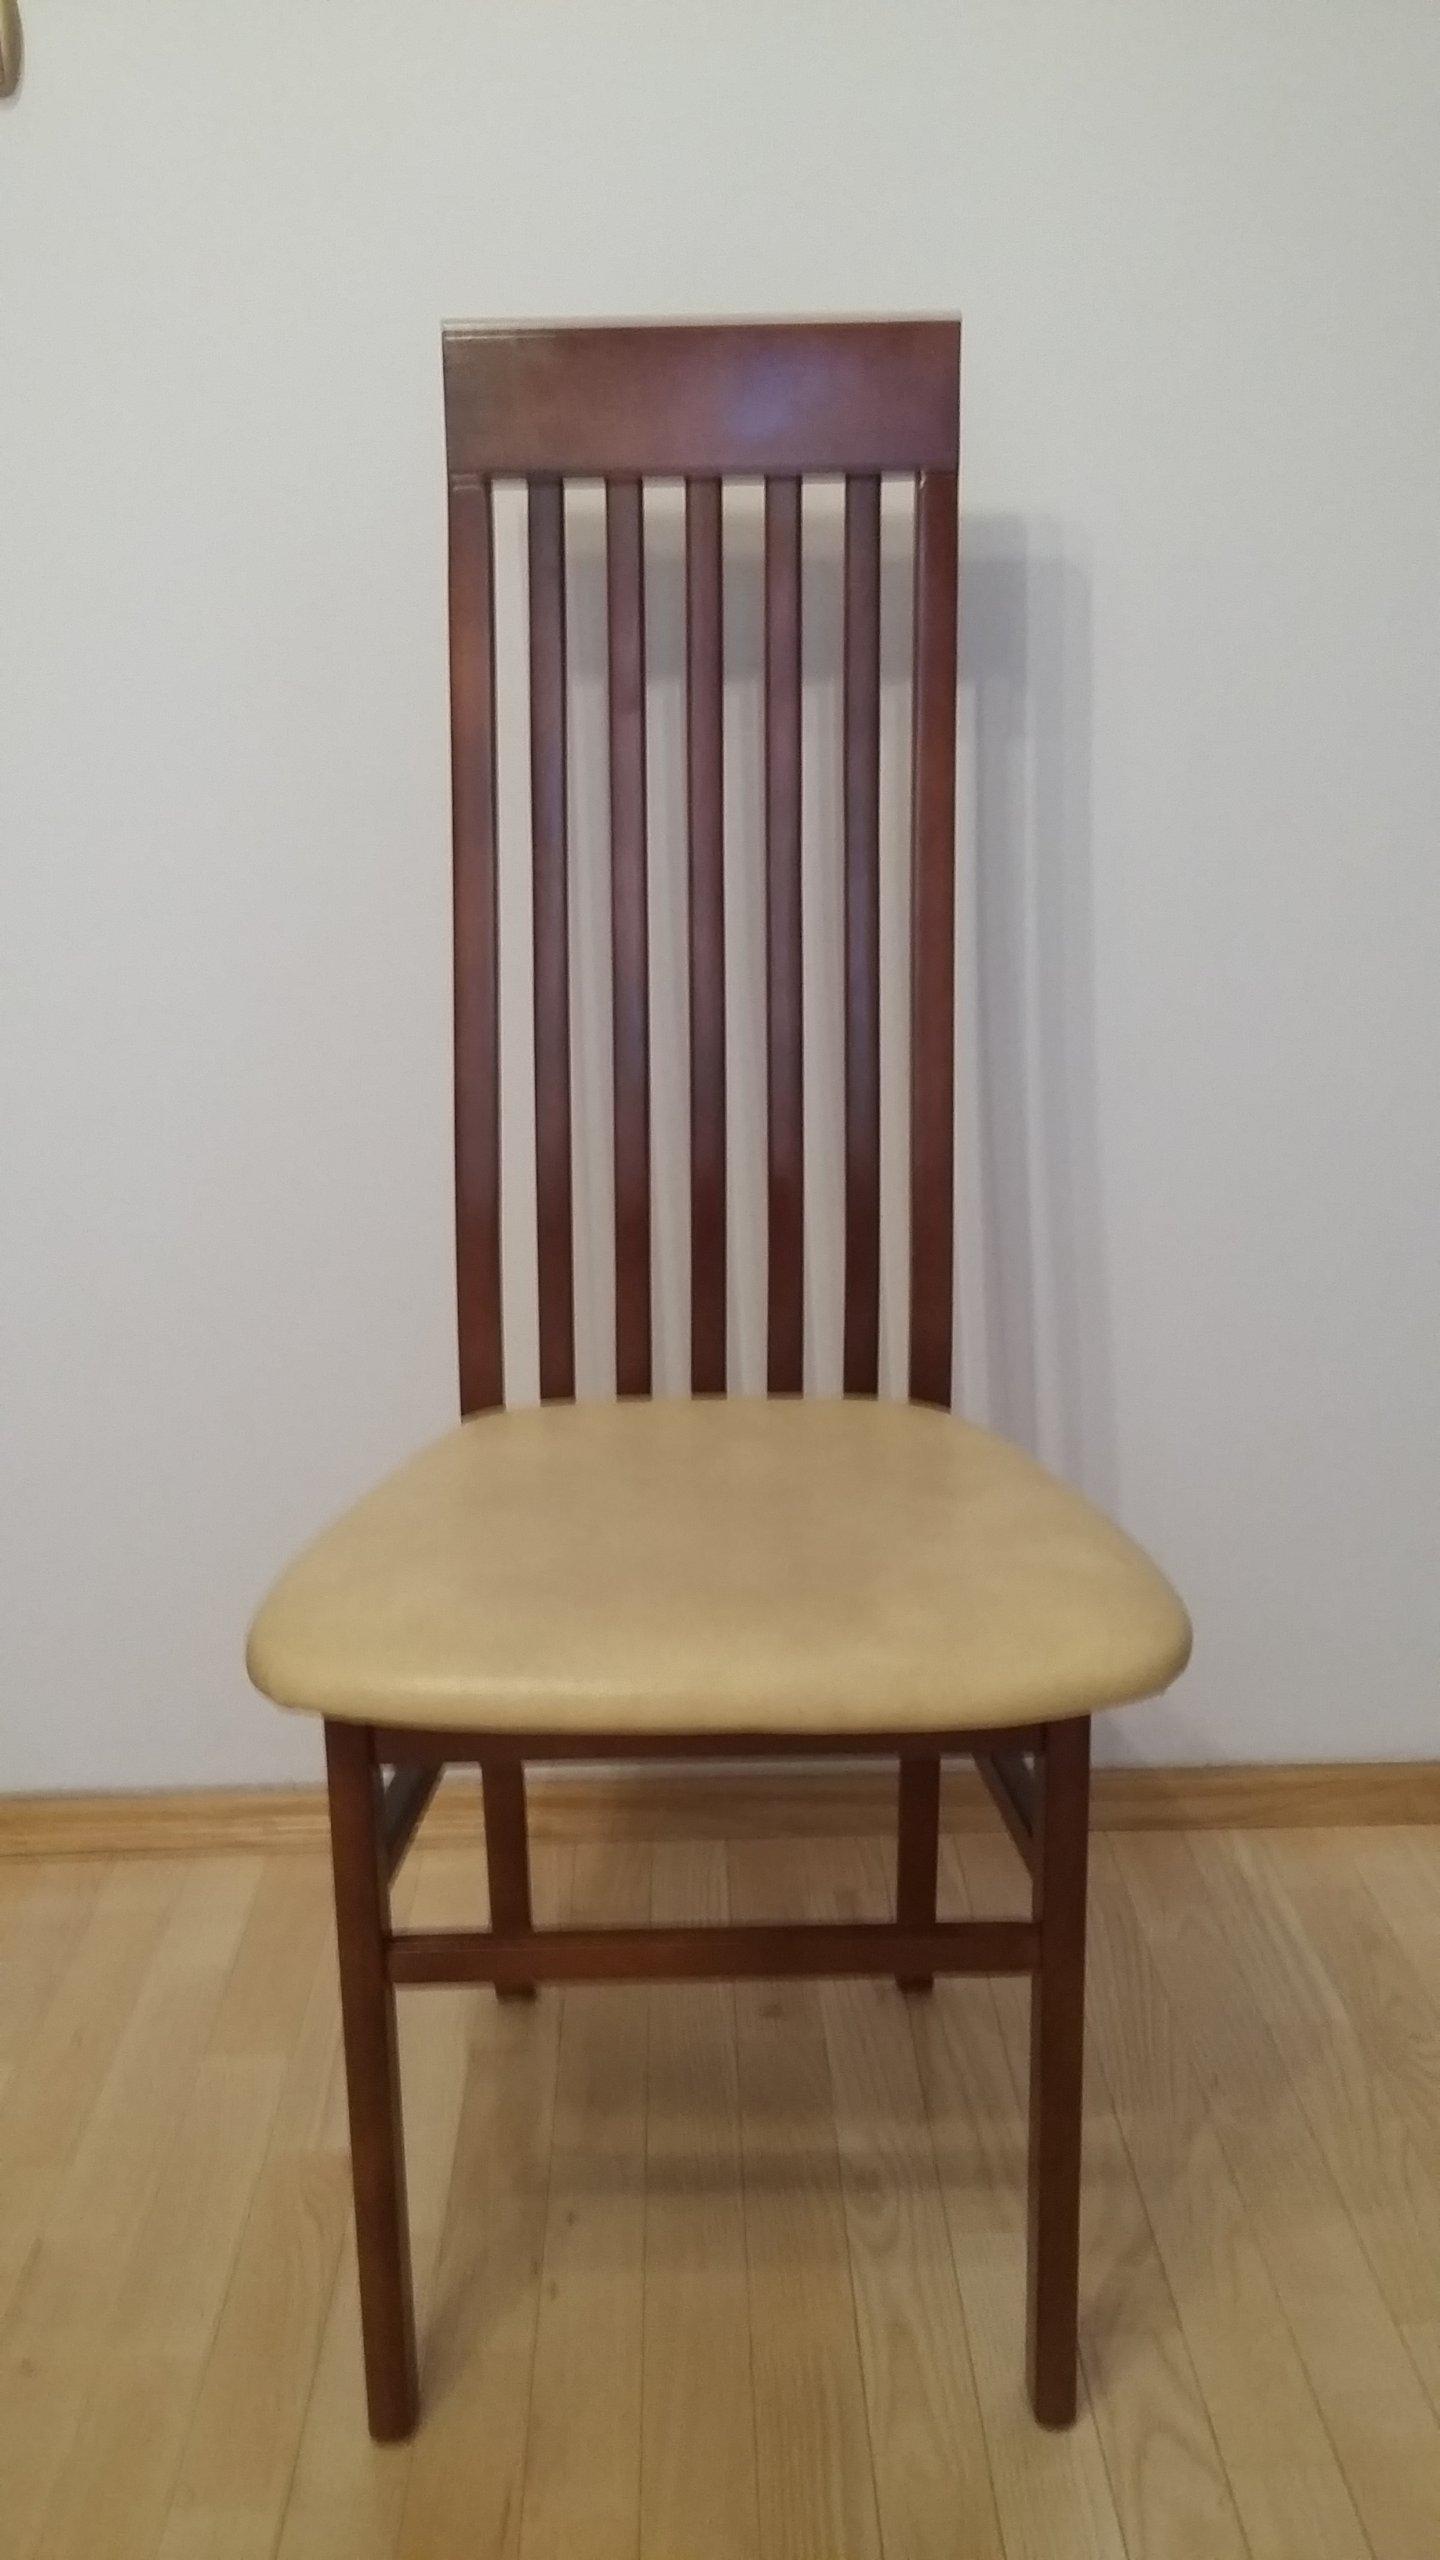 Krzesła 6 Szt Bydgoskie Meble Odbiór Osobisty